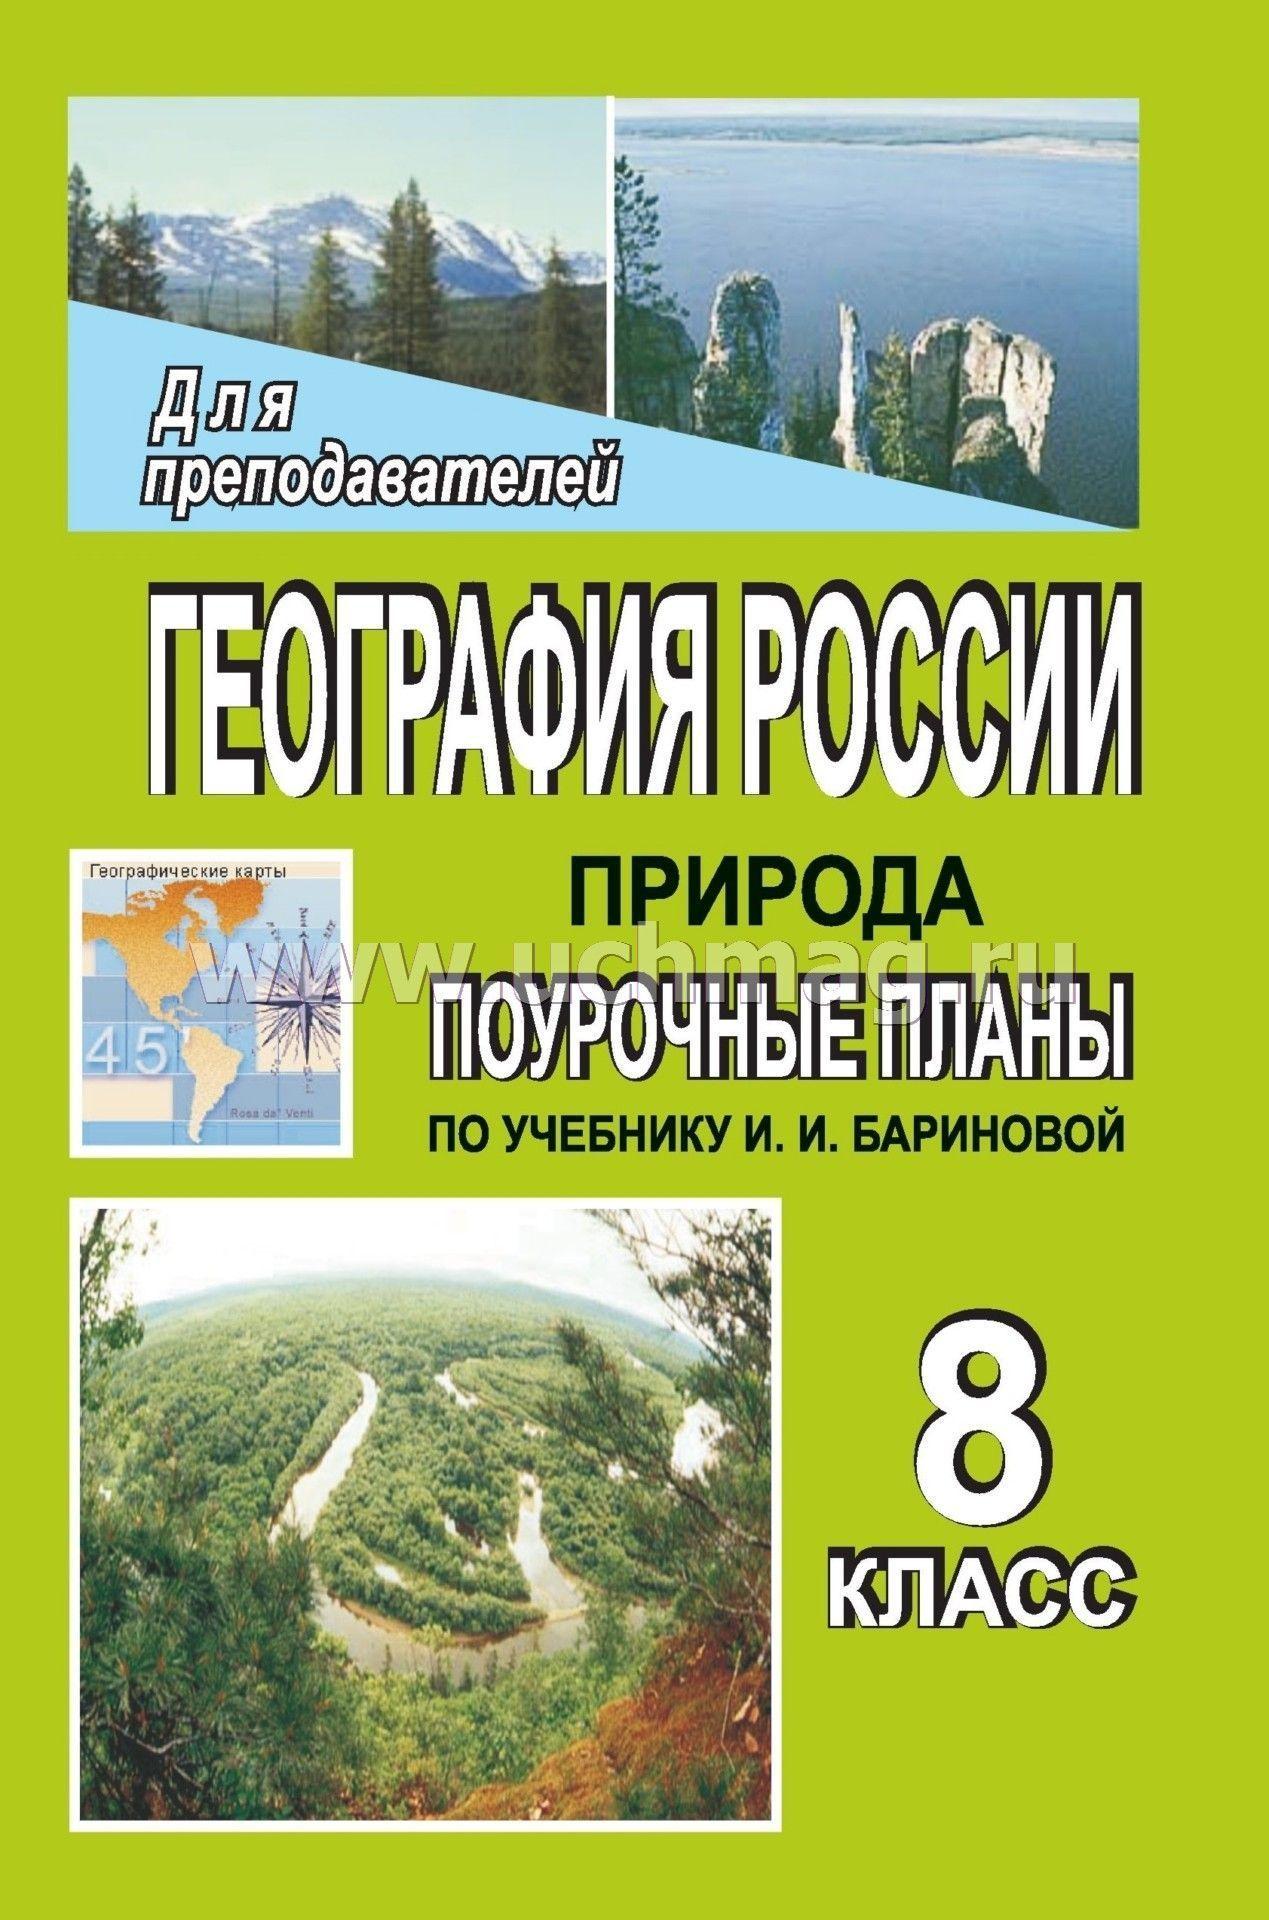 Скачать бесплатно и без регистрации поурочные разработки география россии 8 класс